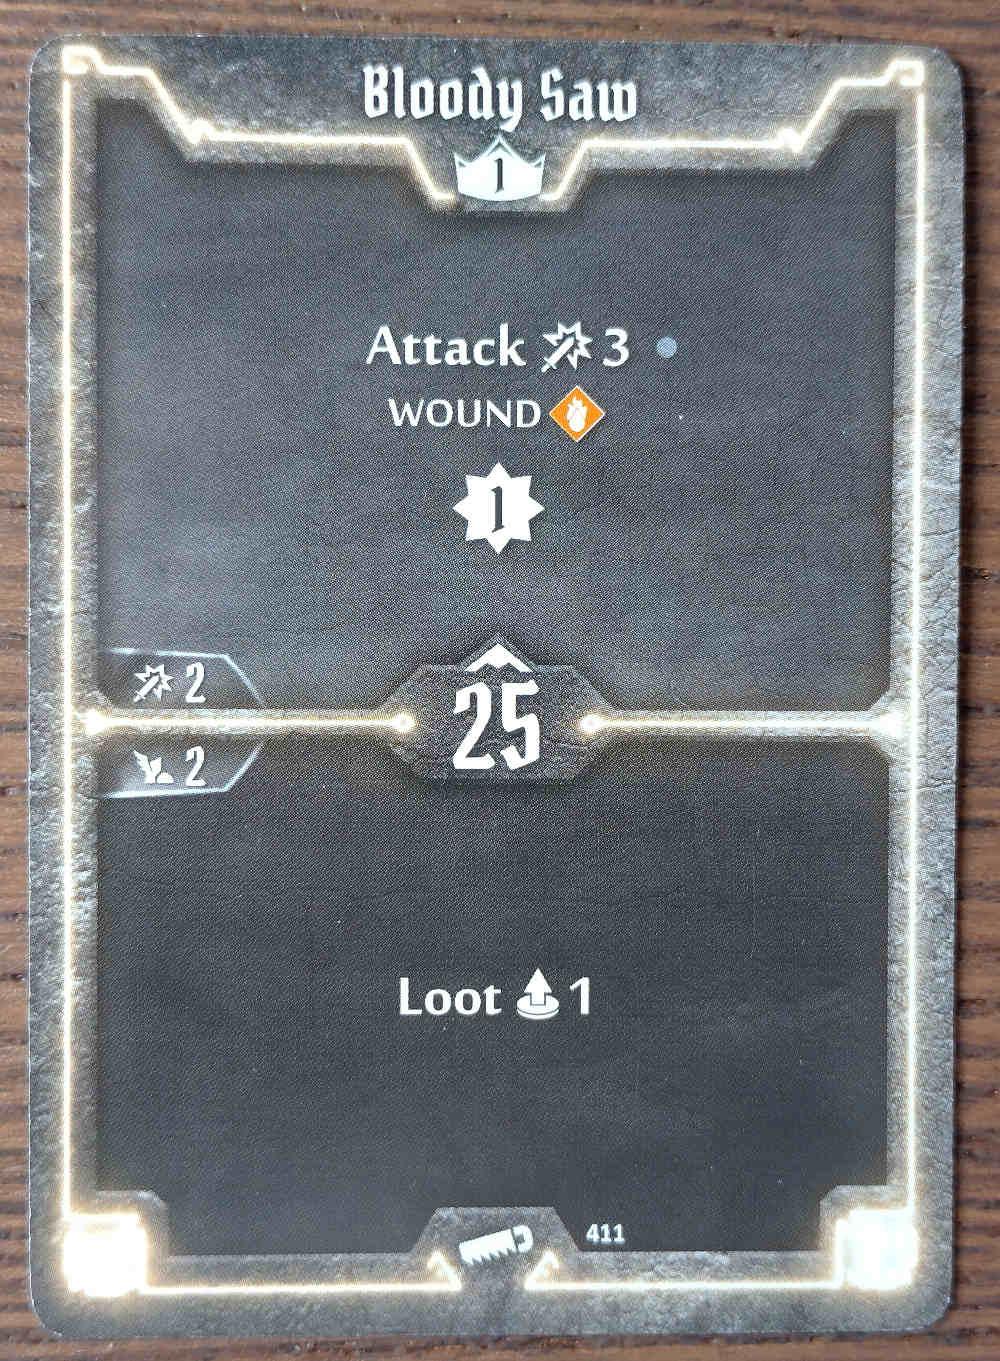 Level 1 Sawbones card Bloody Saw